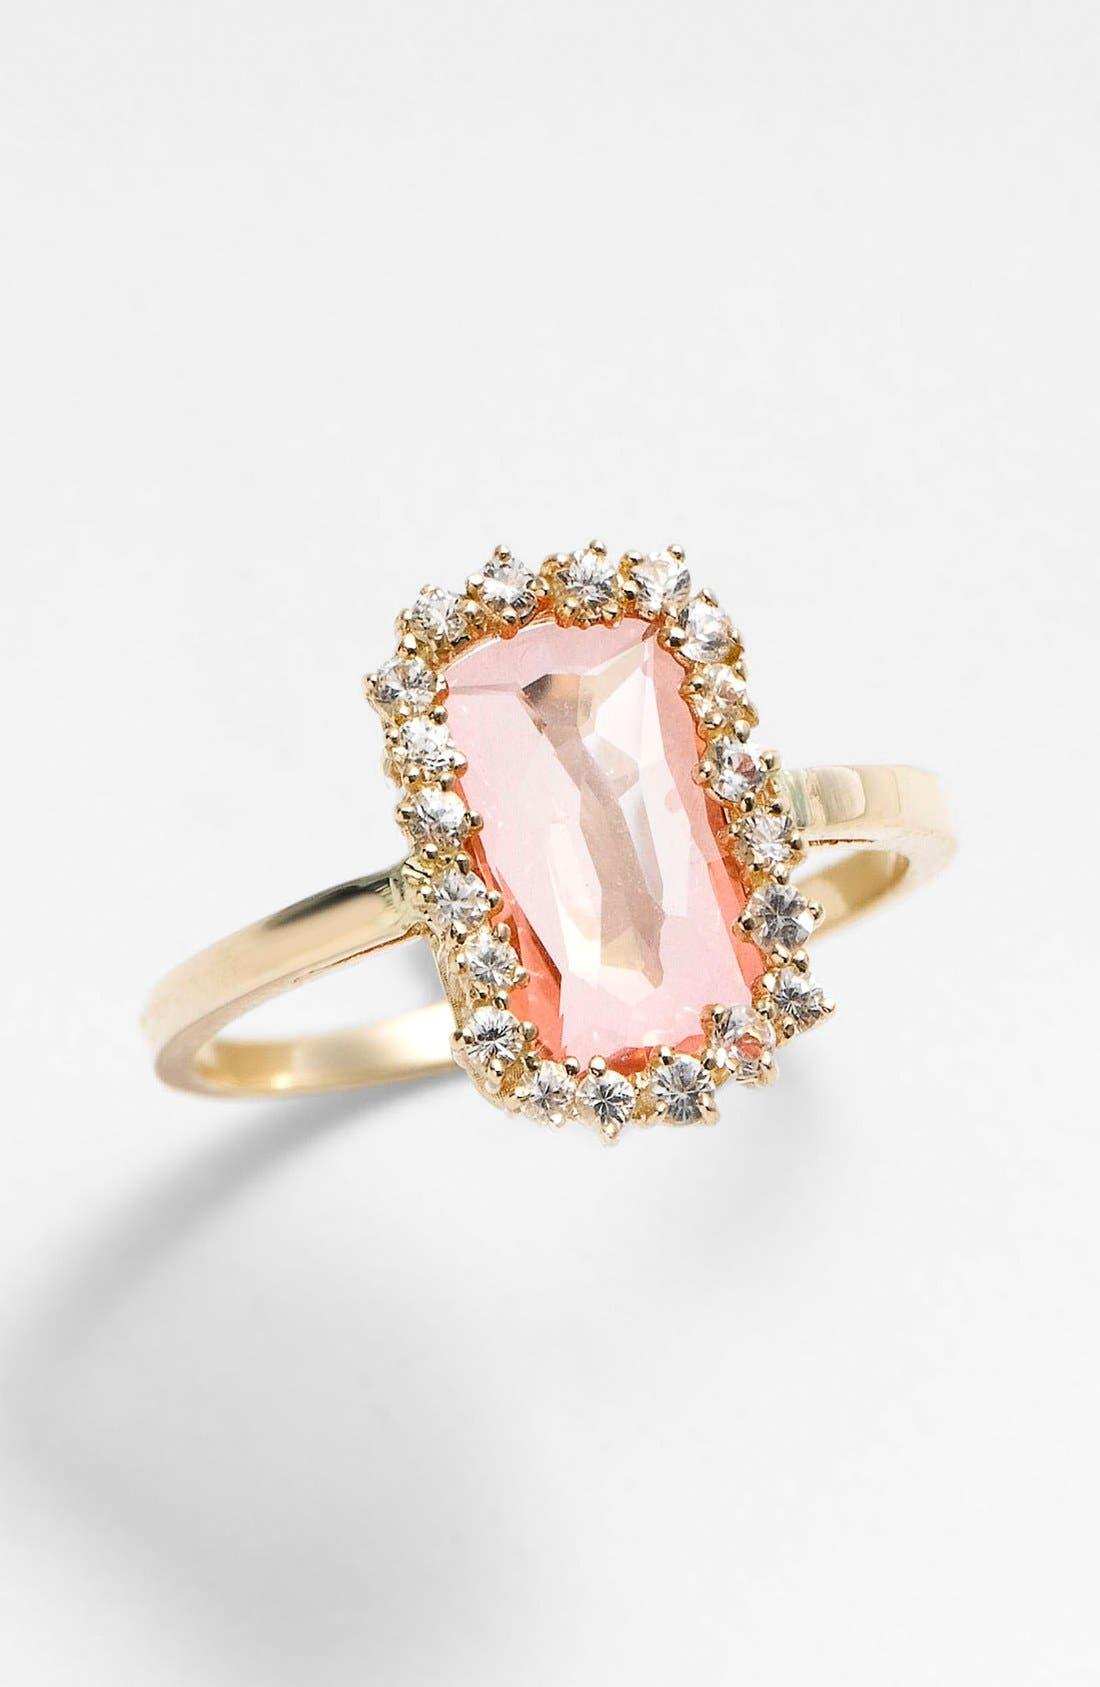 Main Image - KALAN by Suzanne Kalan Barrel Stone Ring